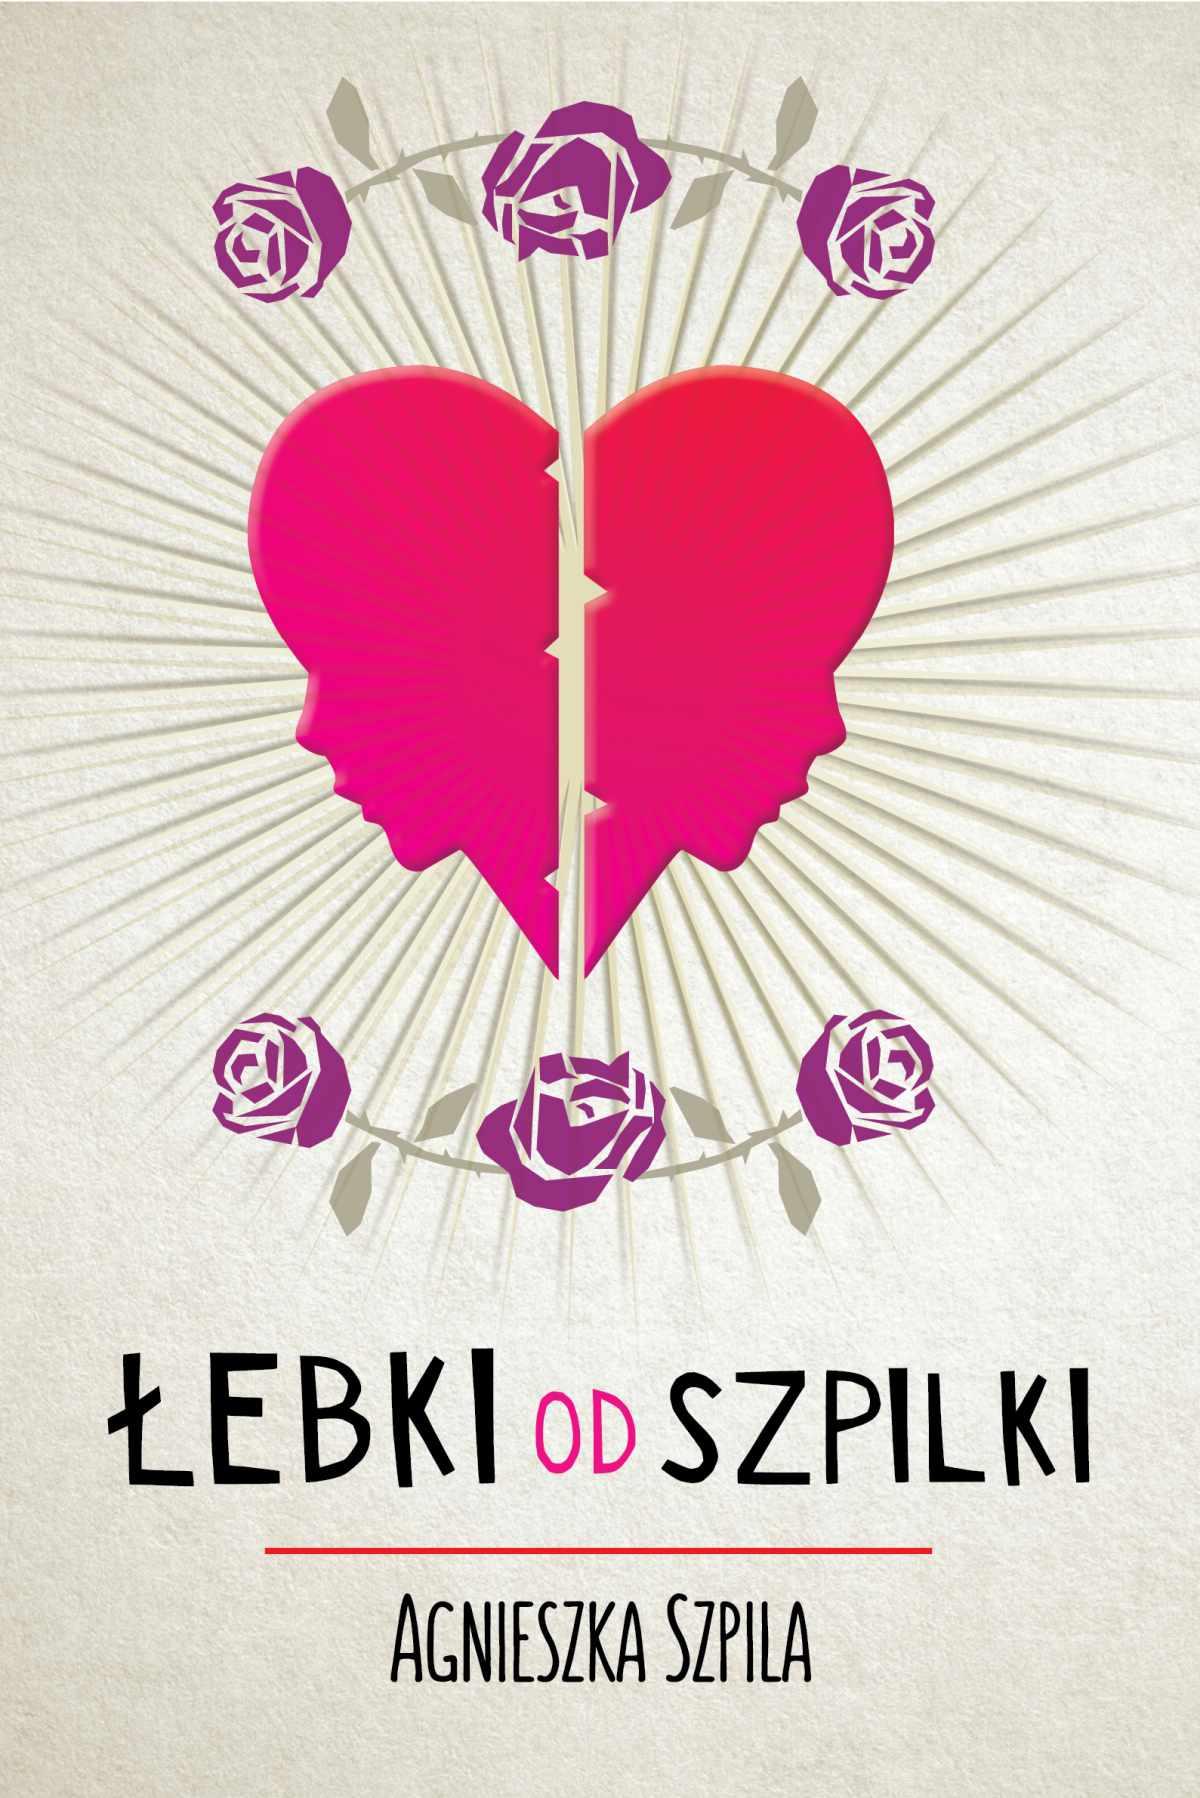 Łebki od szpilki - Ebook (Książka EPUB) do pobrania w formacie EPUB